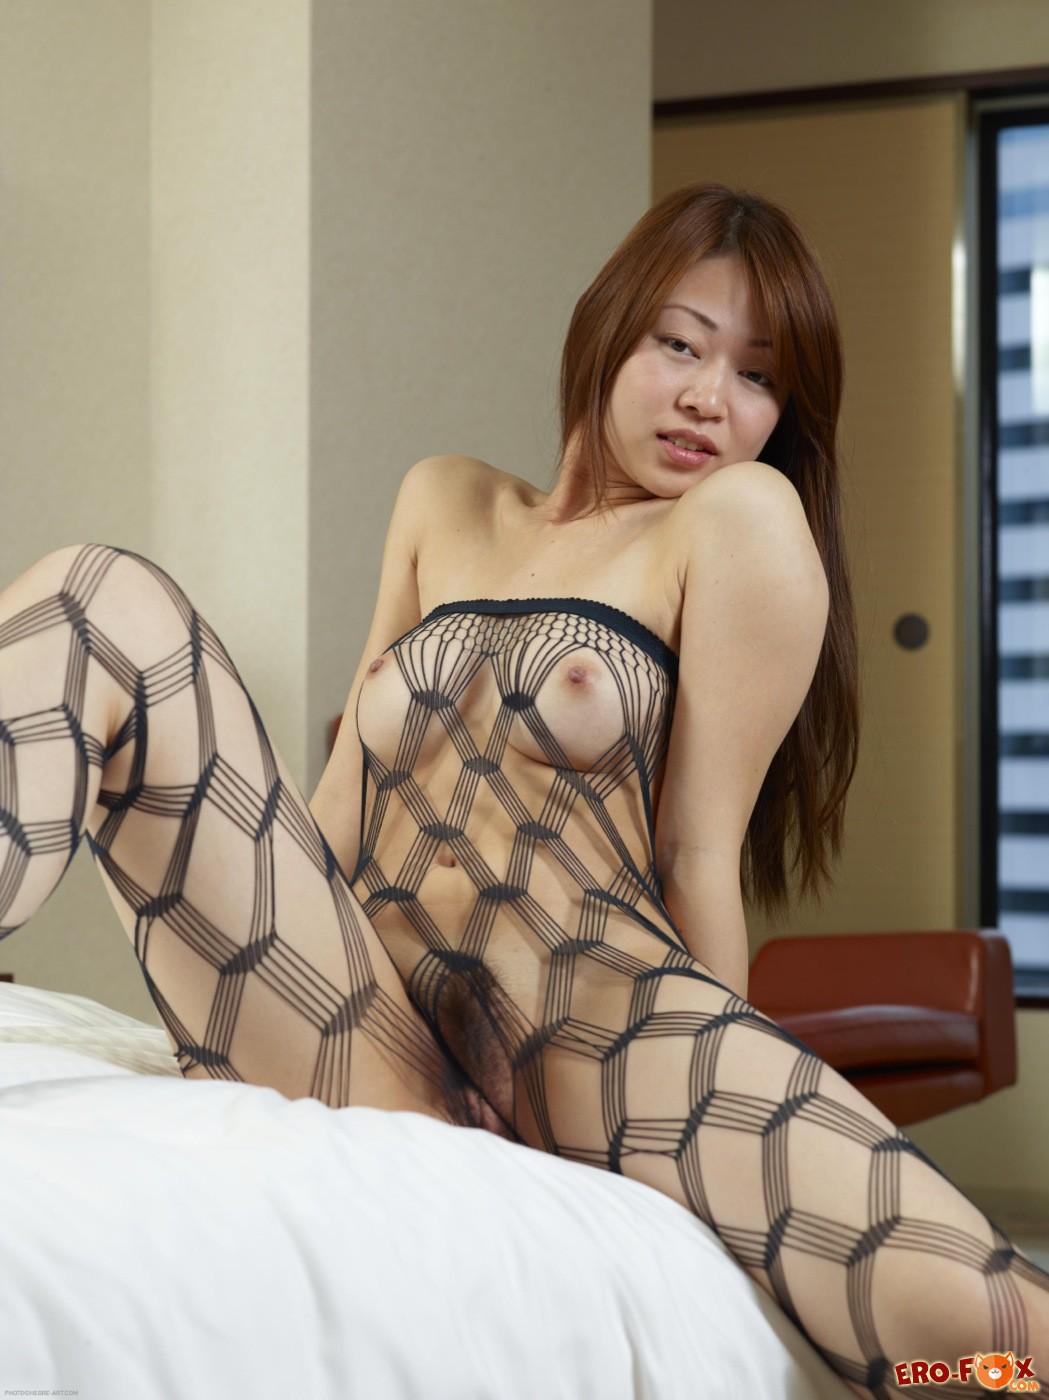 Развратная азиатка в сетчатом комбинезоне на кровати - фото